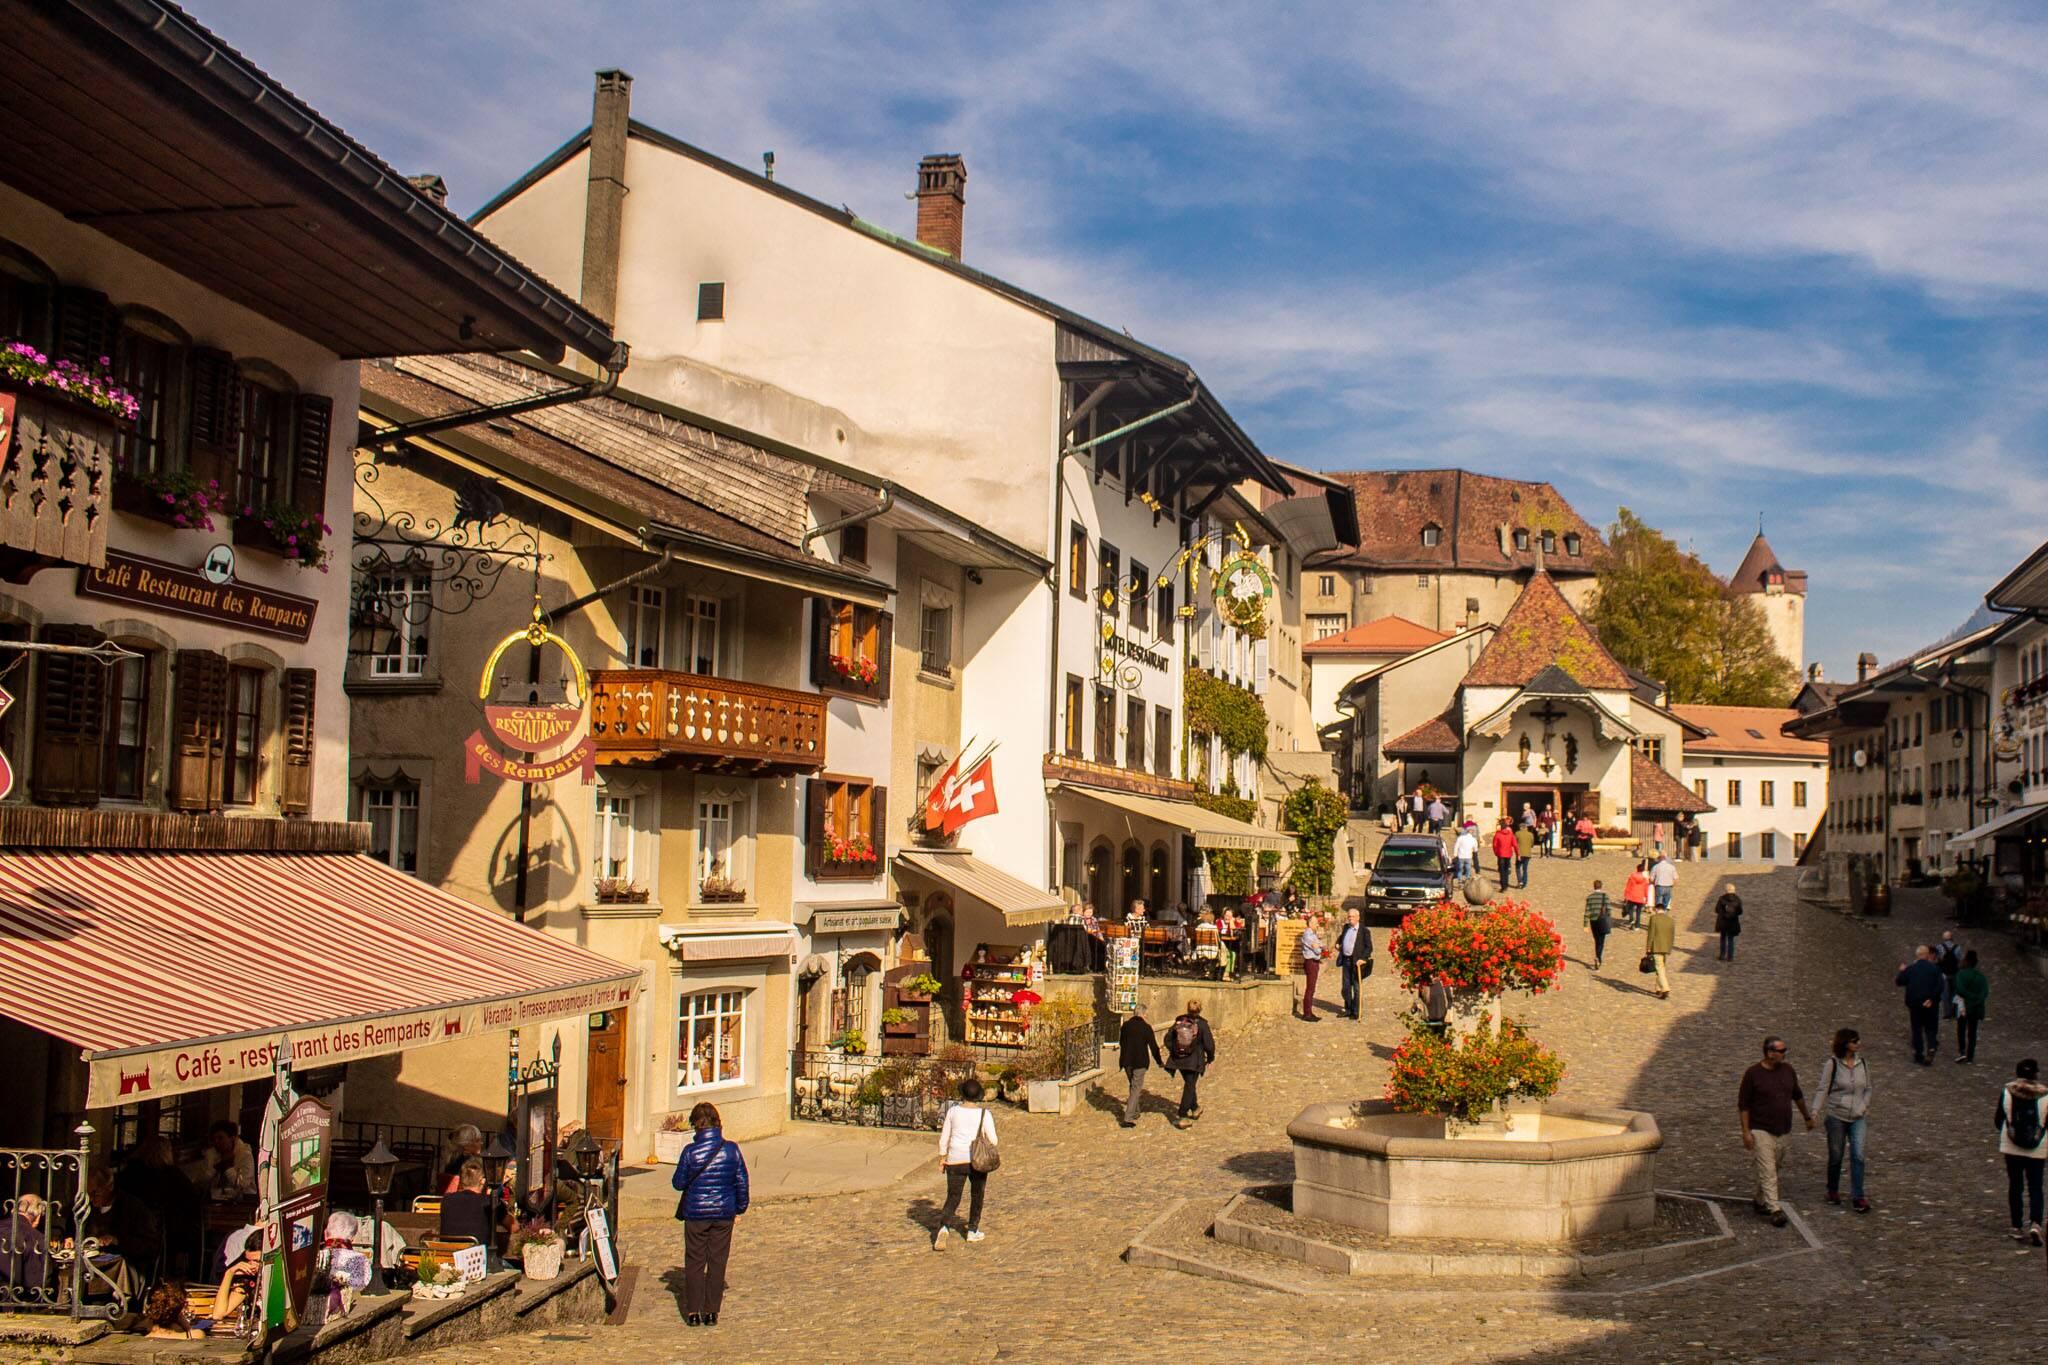 Castelos na Suíça, Europa: dicas e informações úteis